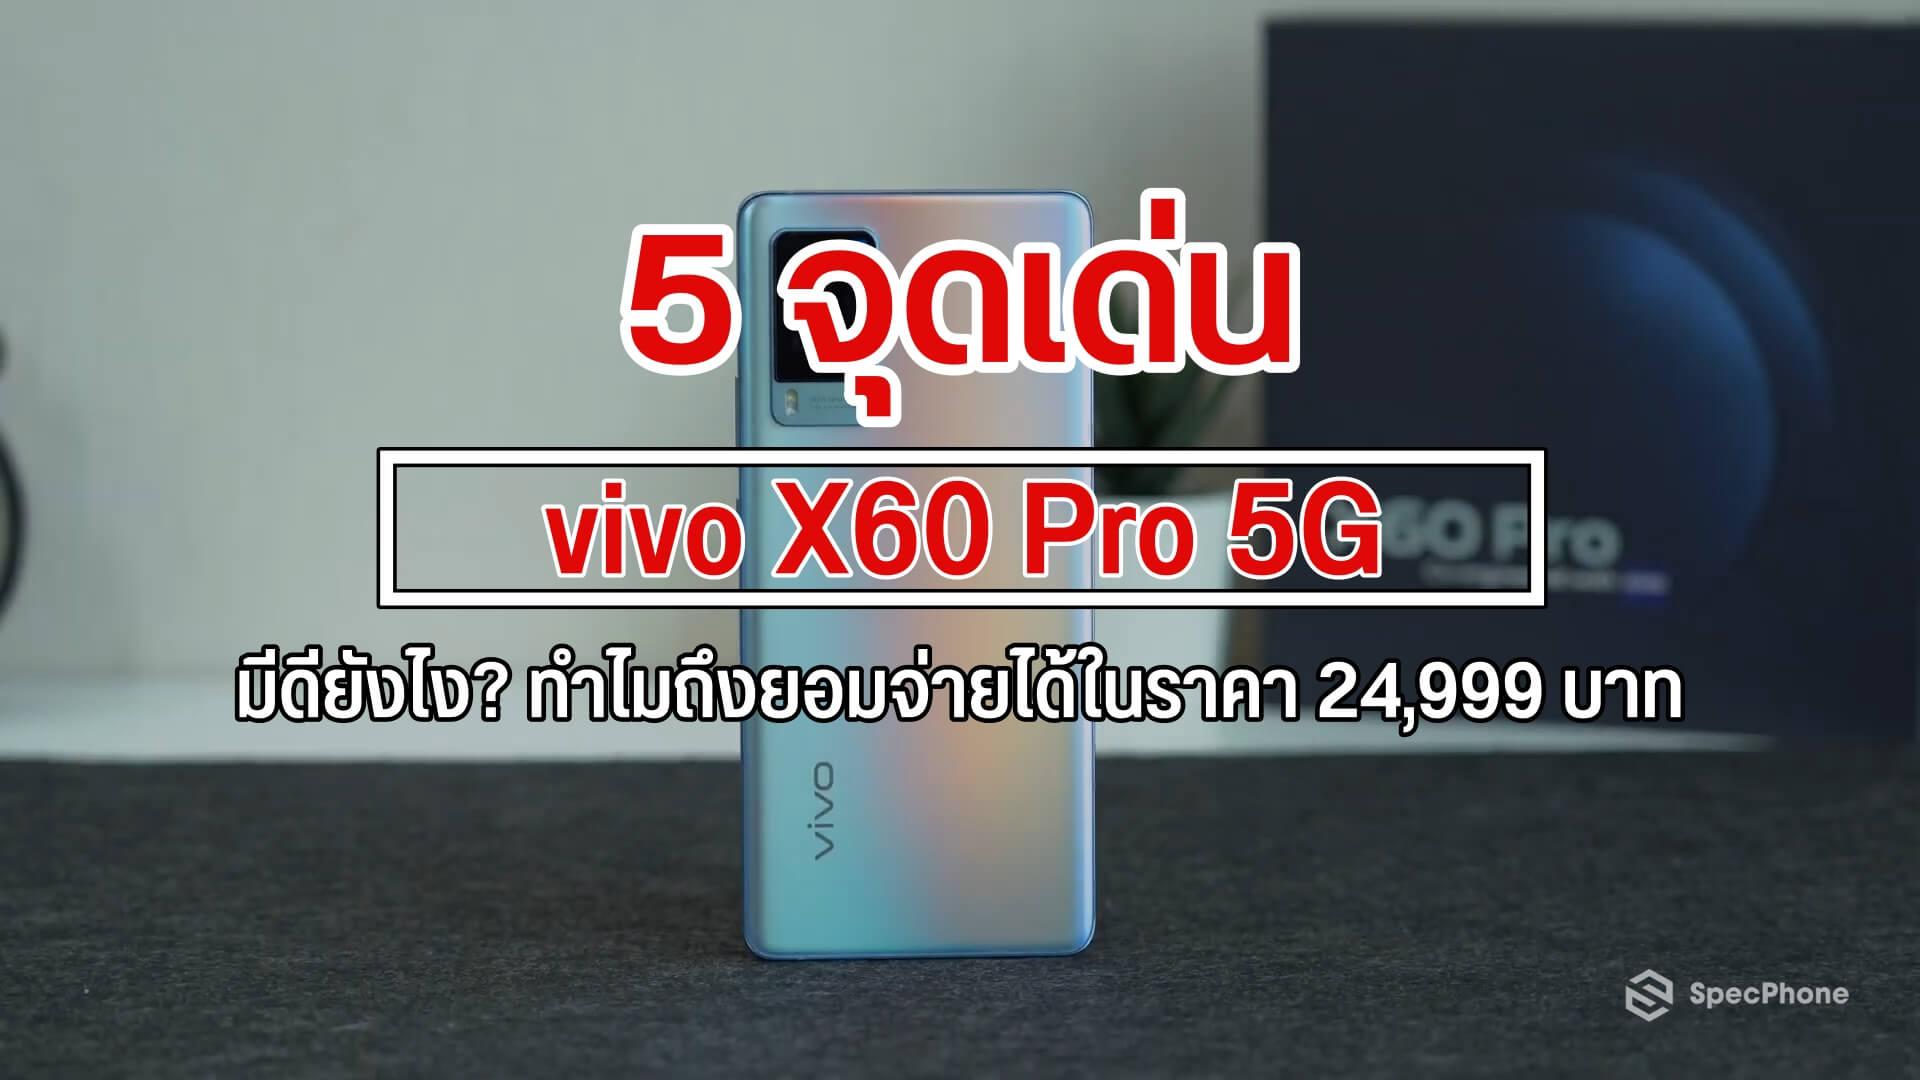 5 จุดเด่น vivo X60 Pro มีดียังไง?? ทำไมถึงยอมจ่ายได้ในราคา 24,999 บาท